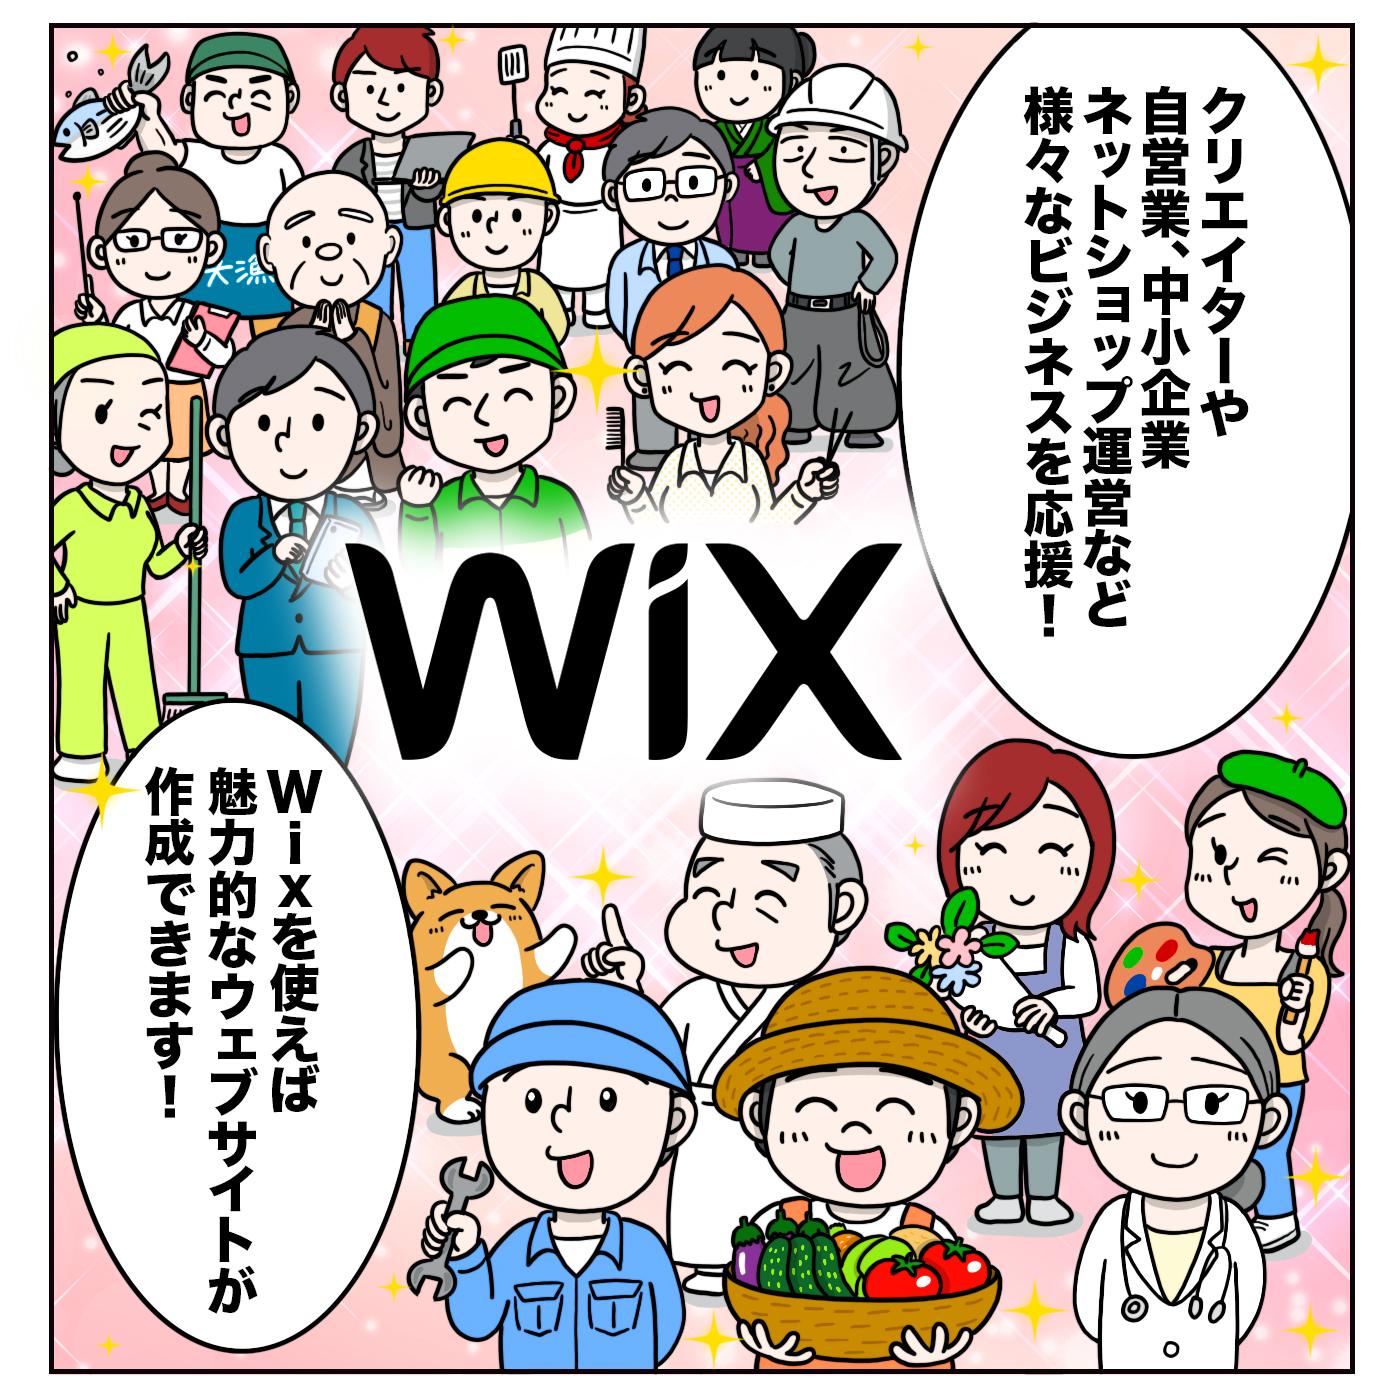 『Wix』のPRマンガ制作